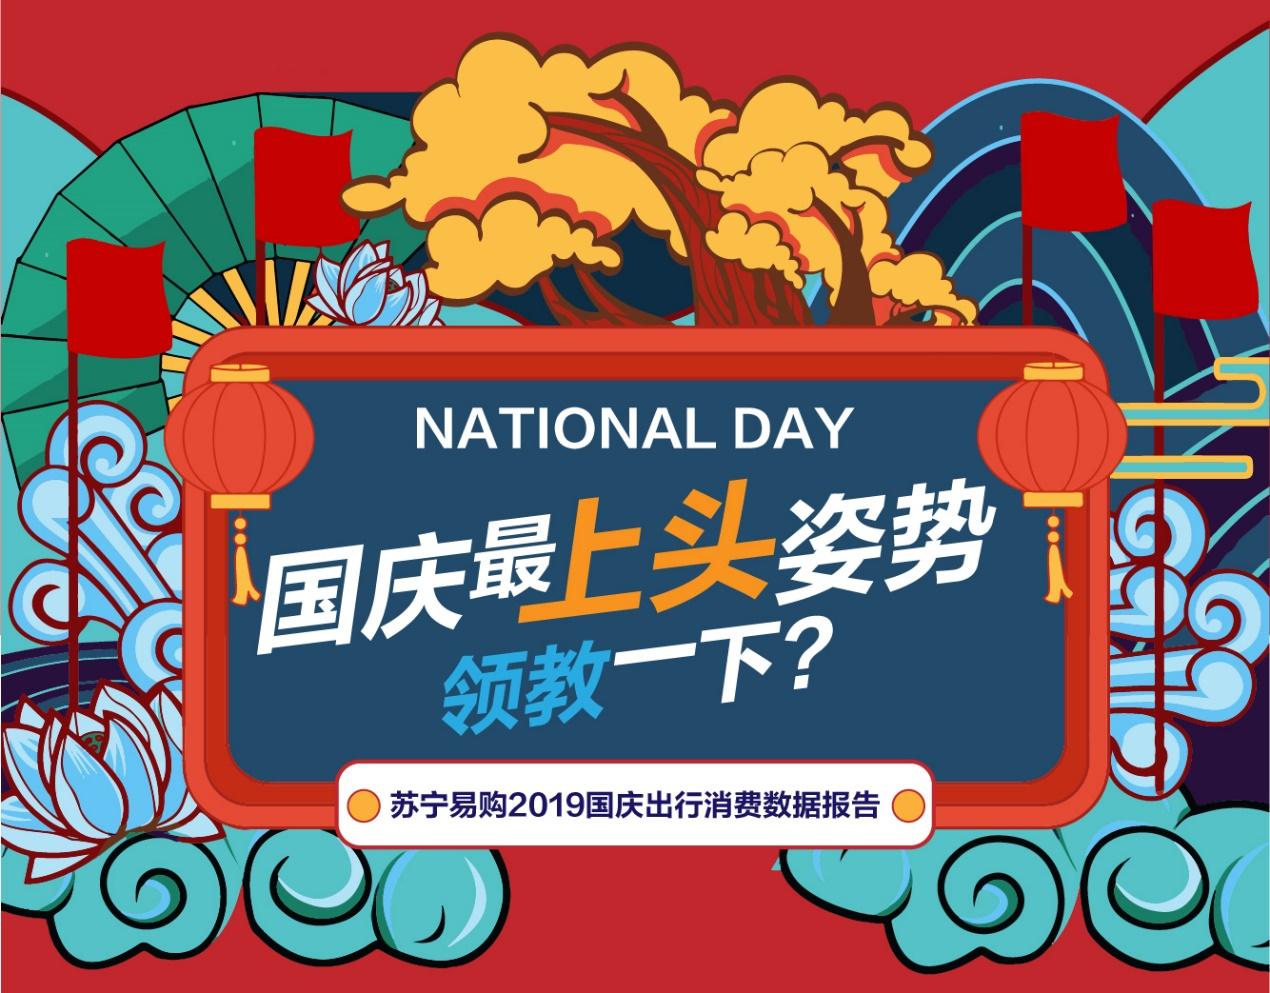 苏宁国庆消费大数据:户外音响销量激增132%